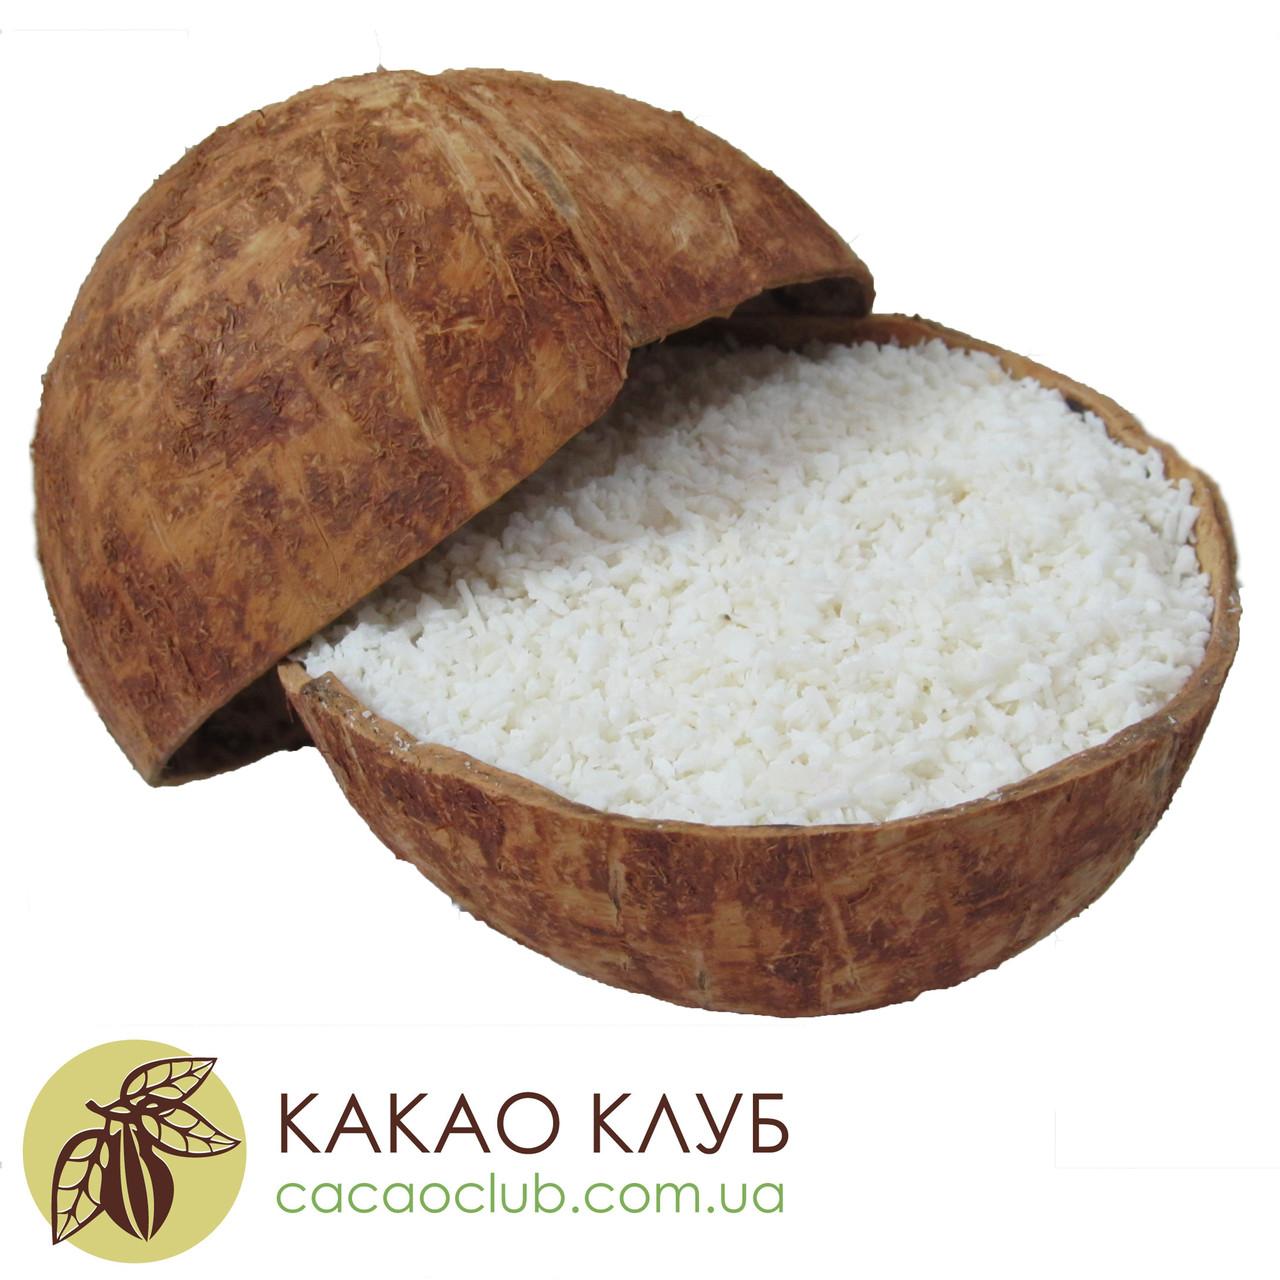 Кокосовая стружка, 65% жирности, крупные по размеру частицы, 1.0 кг